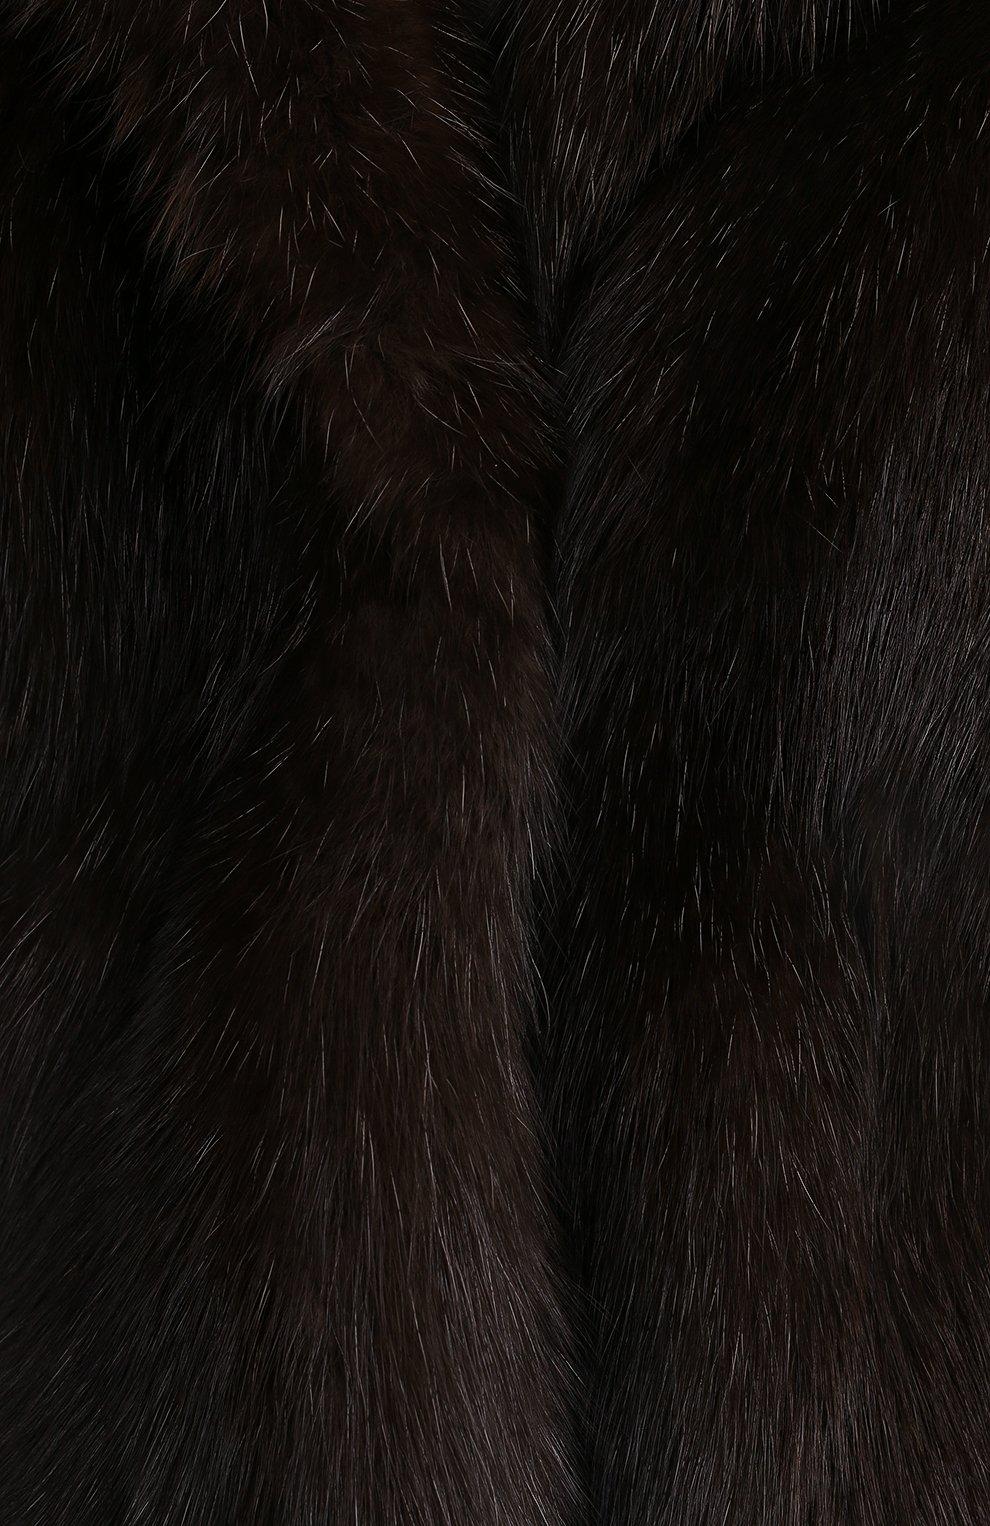 Женская шуба из меха соболя MANZONI24 коричневого цвета, арт. 20M840-Z/38-46 | Фото 5 (Женское Кросс-КТ: Мех; Рукава: Длинные; Материал внешний: Натуральный мех; Длина (верхняя одежда): До середины бедра; Материал подклада: Синтетический материал)